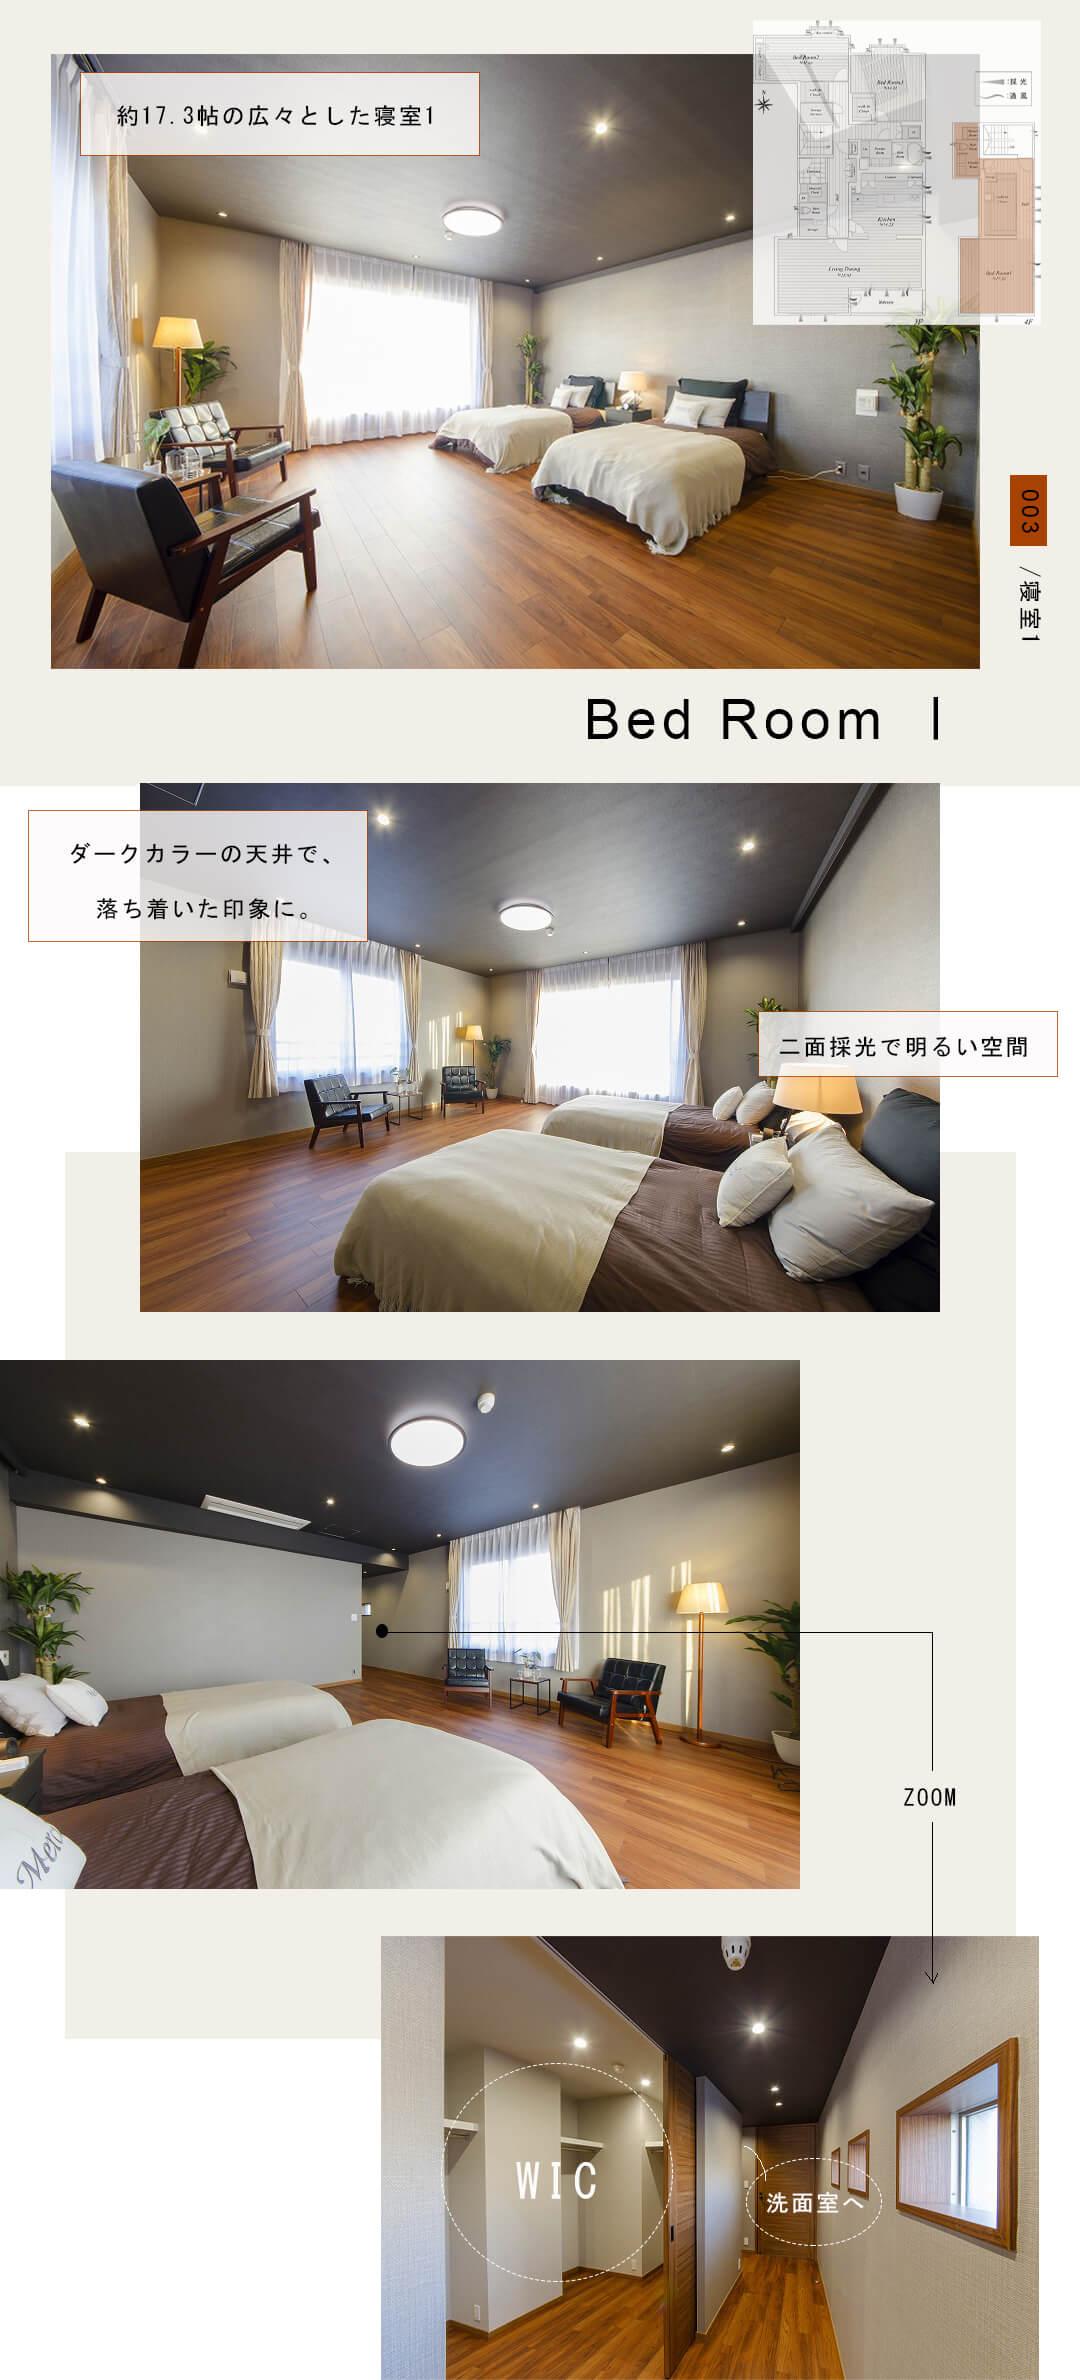 003寝室1,Bed Room Ⅰ